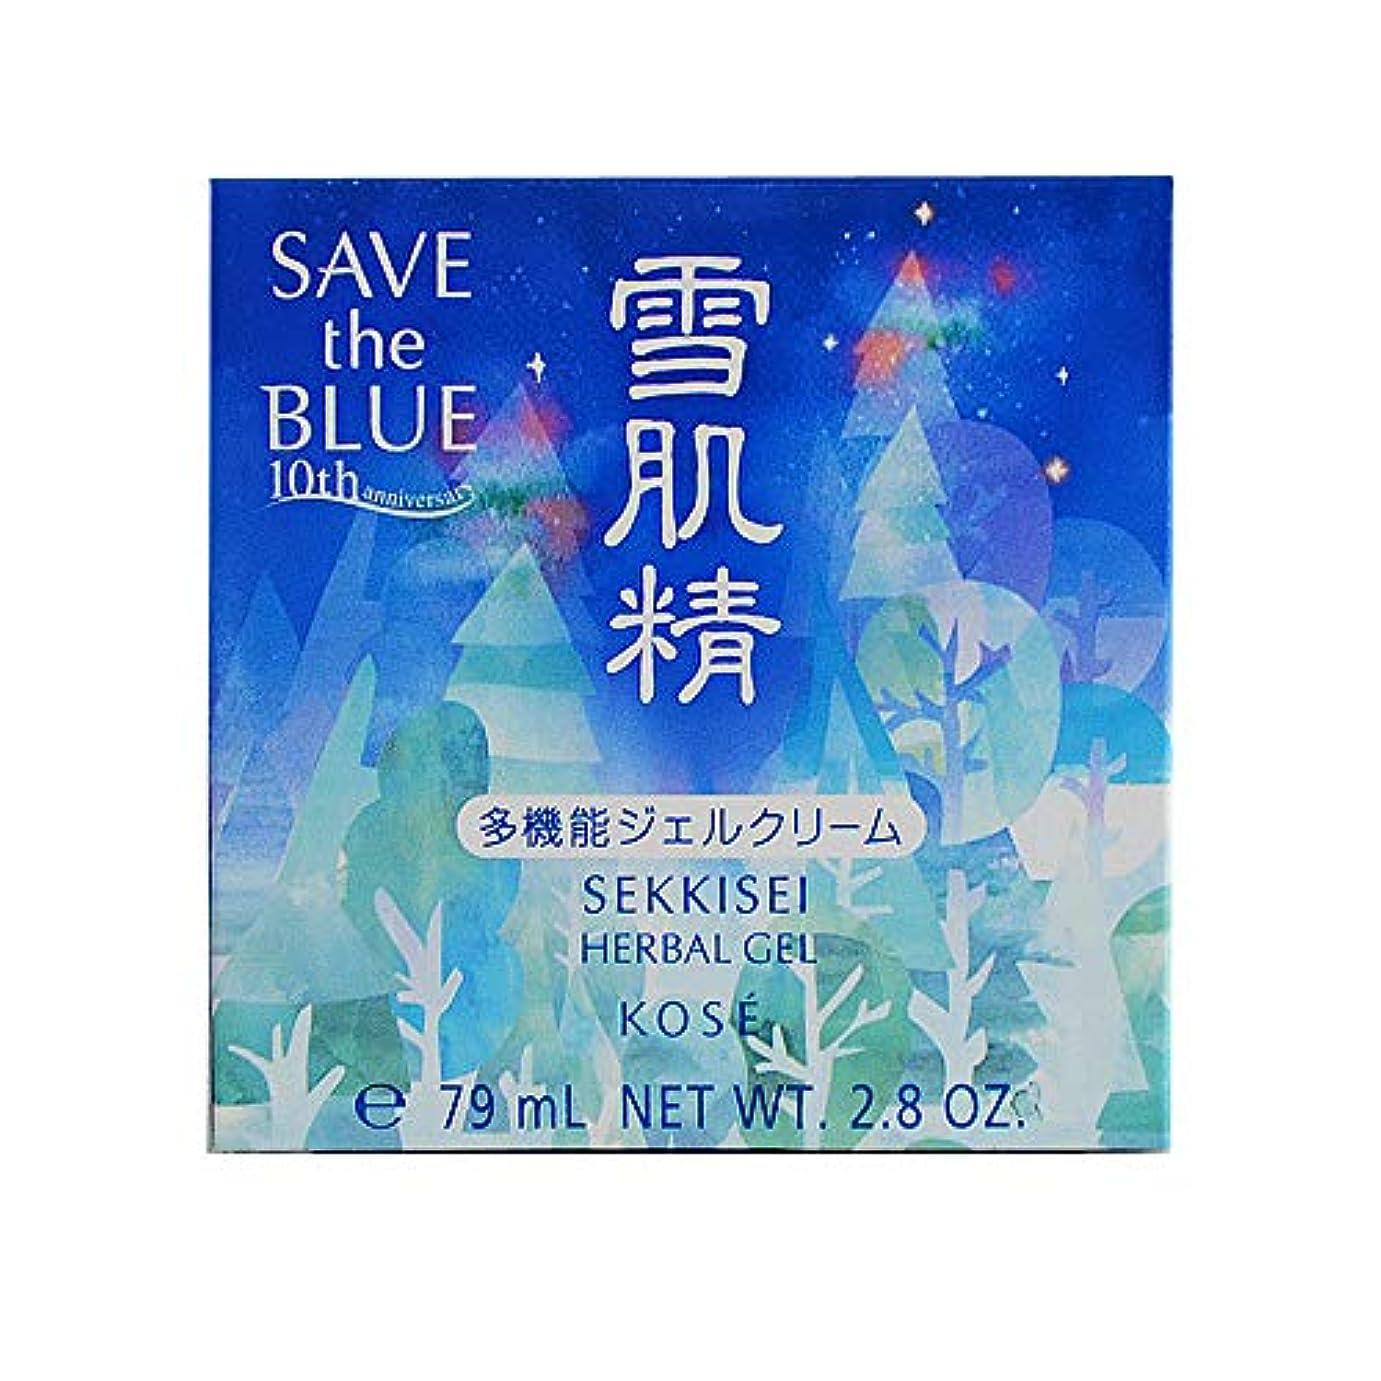 南方のレーザ意気込みコーセー 雪肌精 ハーバルジェル 80g (SAVE the BLUE) [ フェイスクリーム ] [並行輸入品]